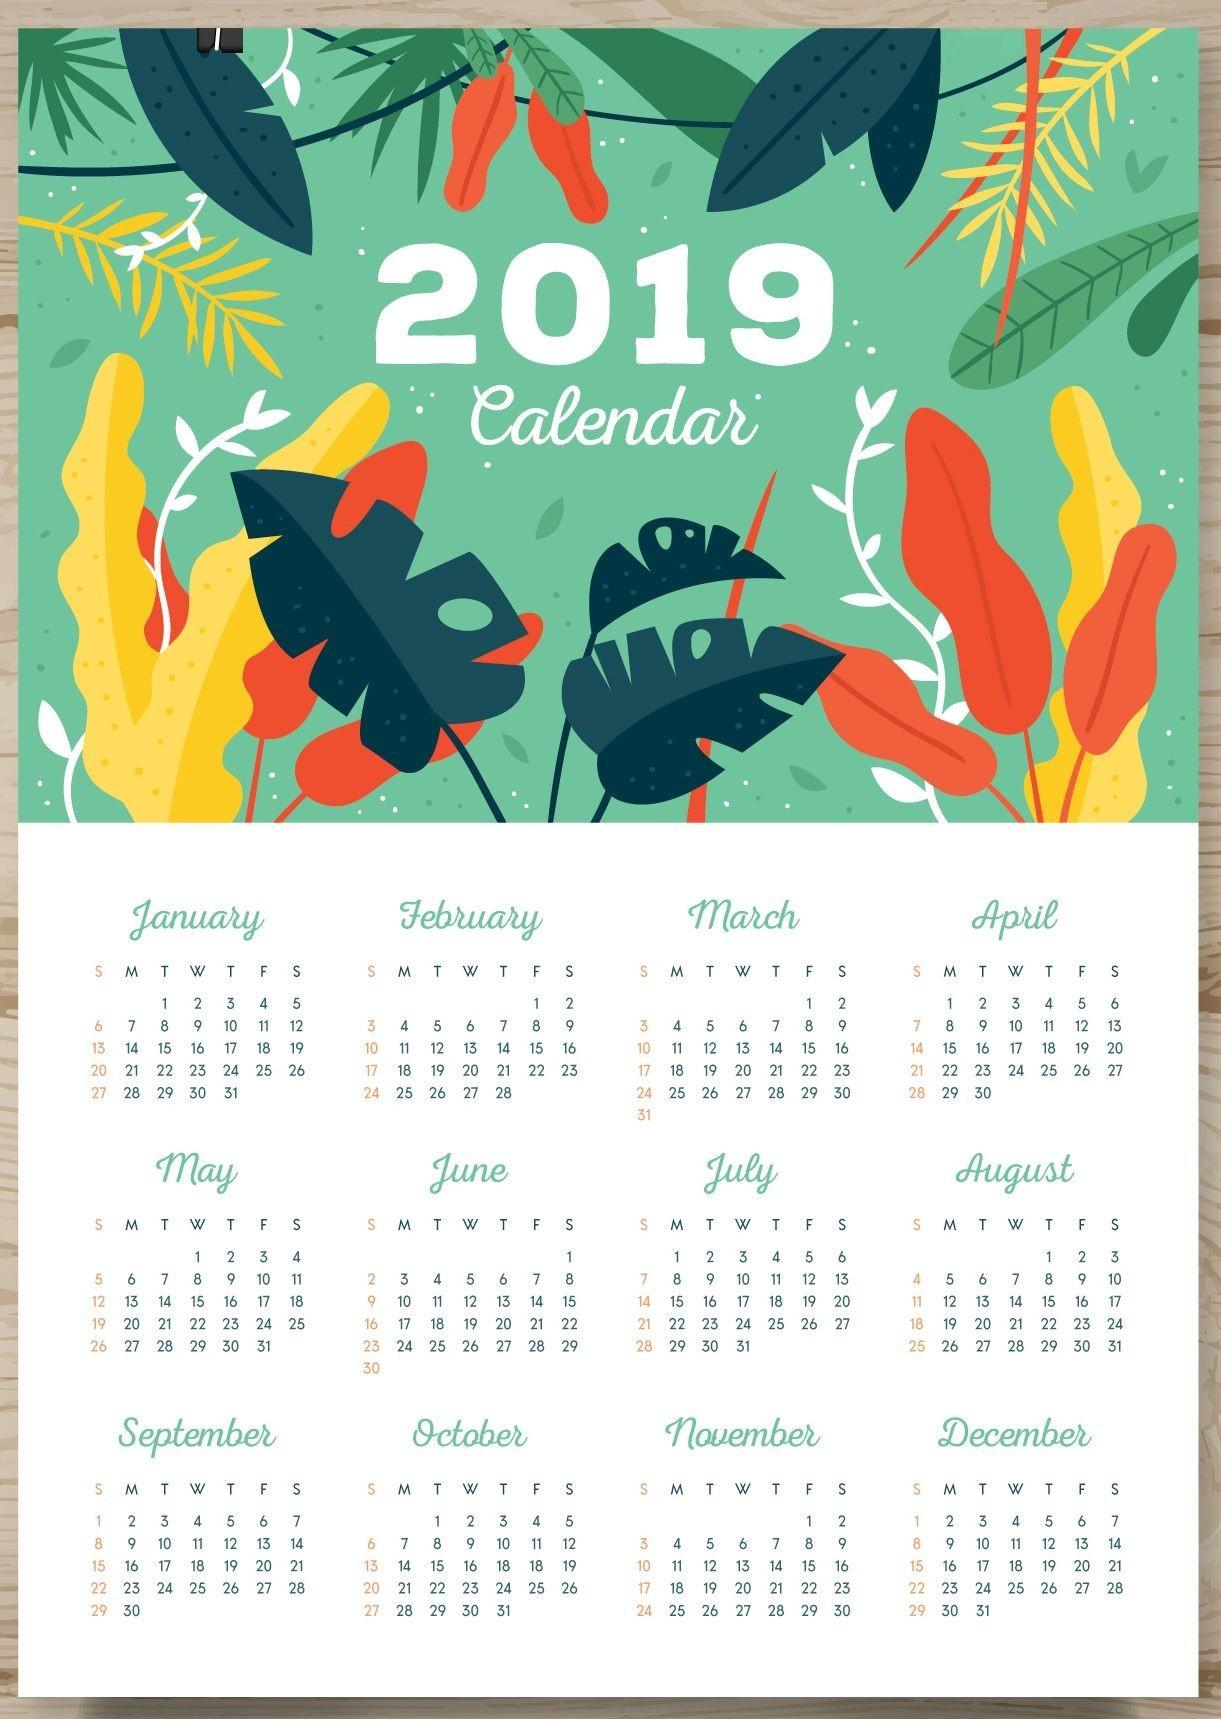 Imprimir Calendario 2019 Madrid Más Caliente Claudin Juso Cjuso En Pinterest Of Imprimir Calendario 2019 Madrid Más Arriba-a-fecha Través De Las Siguientes Dogmagazine